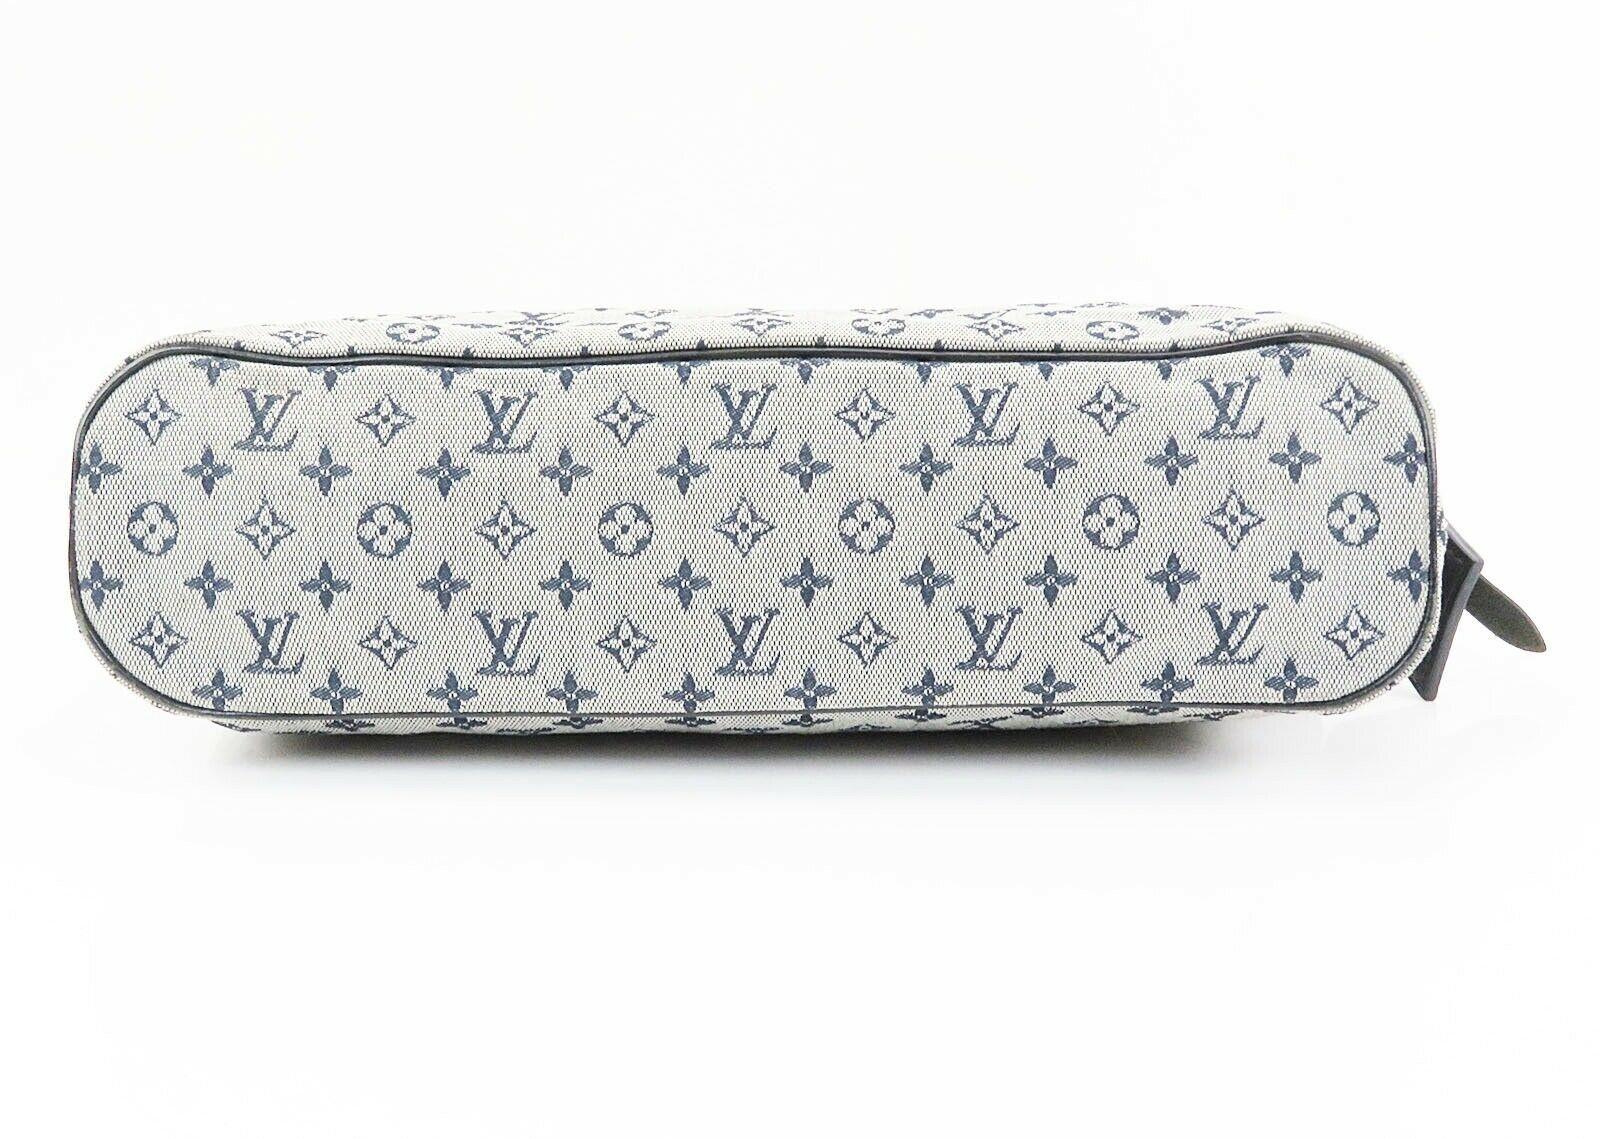 Auth LOUIS VUITTON Lucille PM Mini Lin Blue Denim Tote Hand Bag Purse #32973